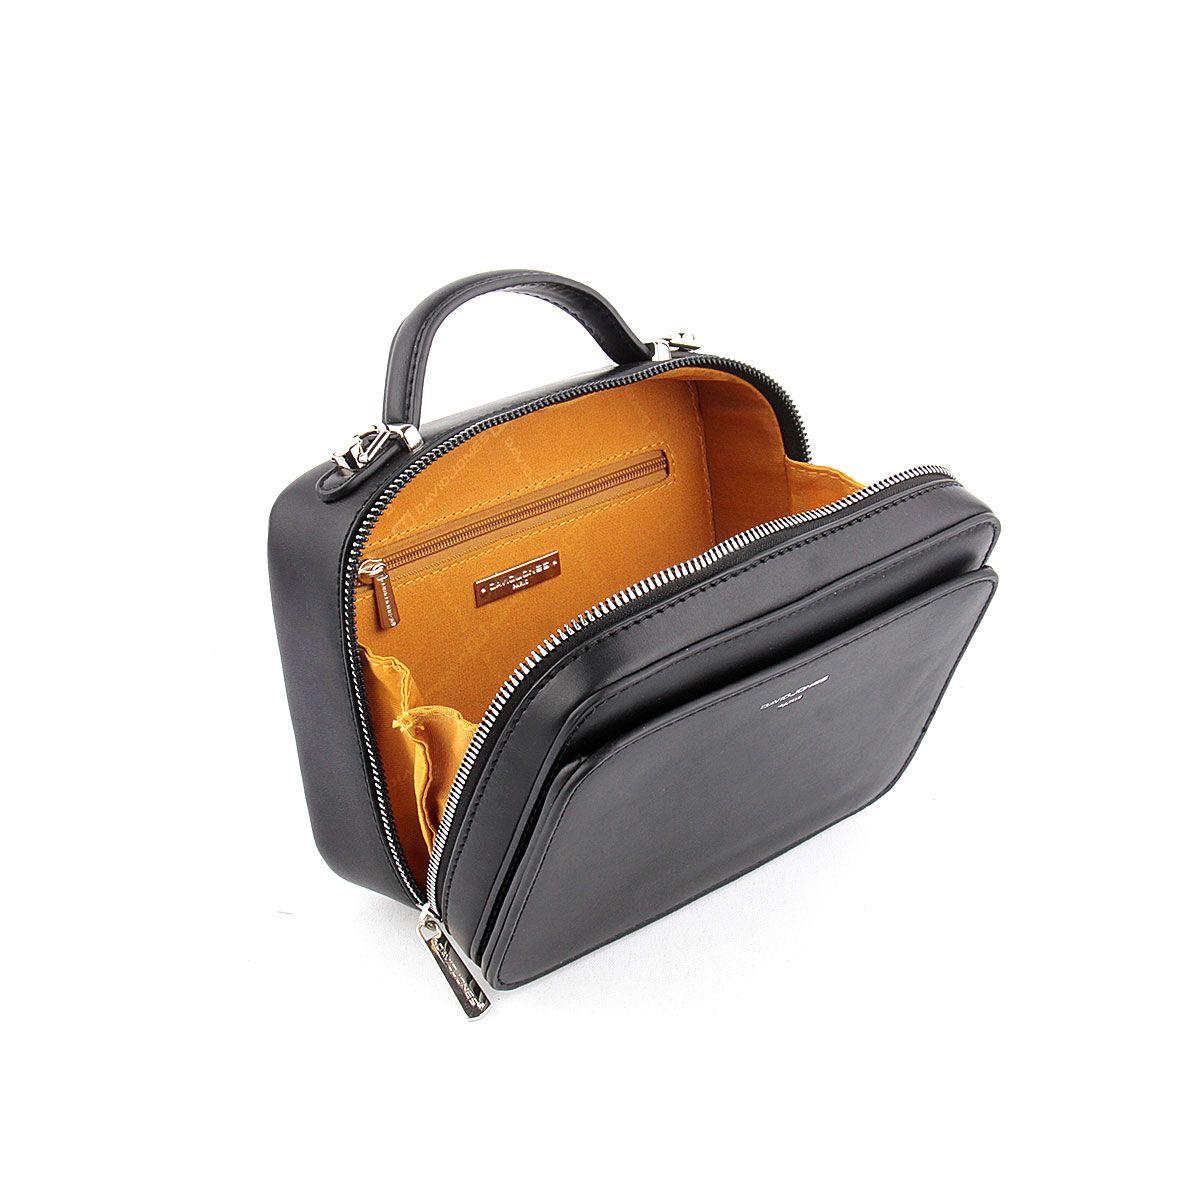 کیف رو دوشی زنانه دیوید جونز مدل 5662 -  - 11